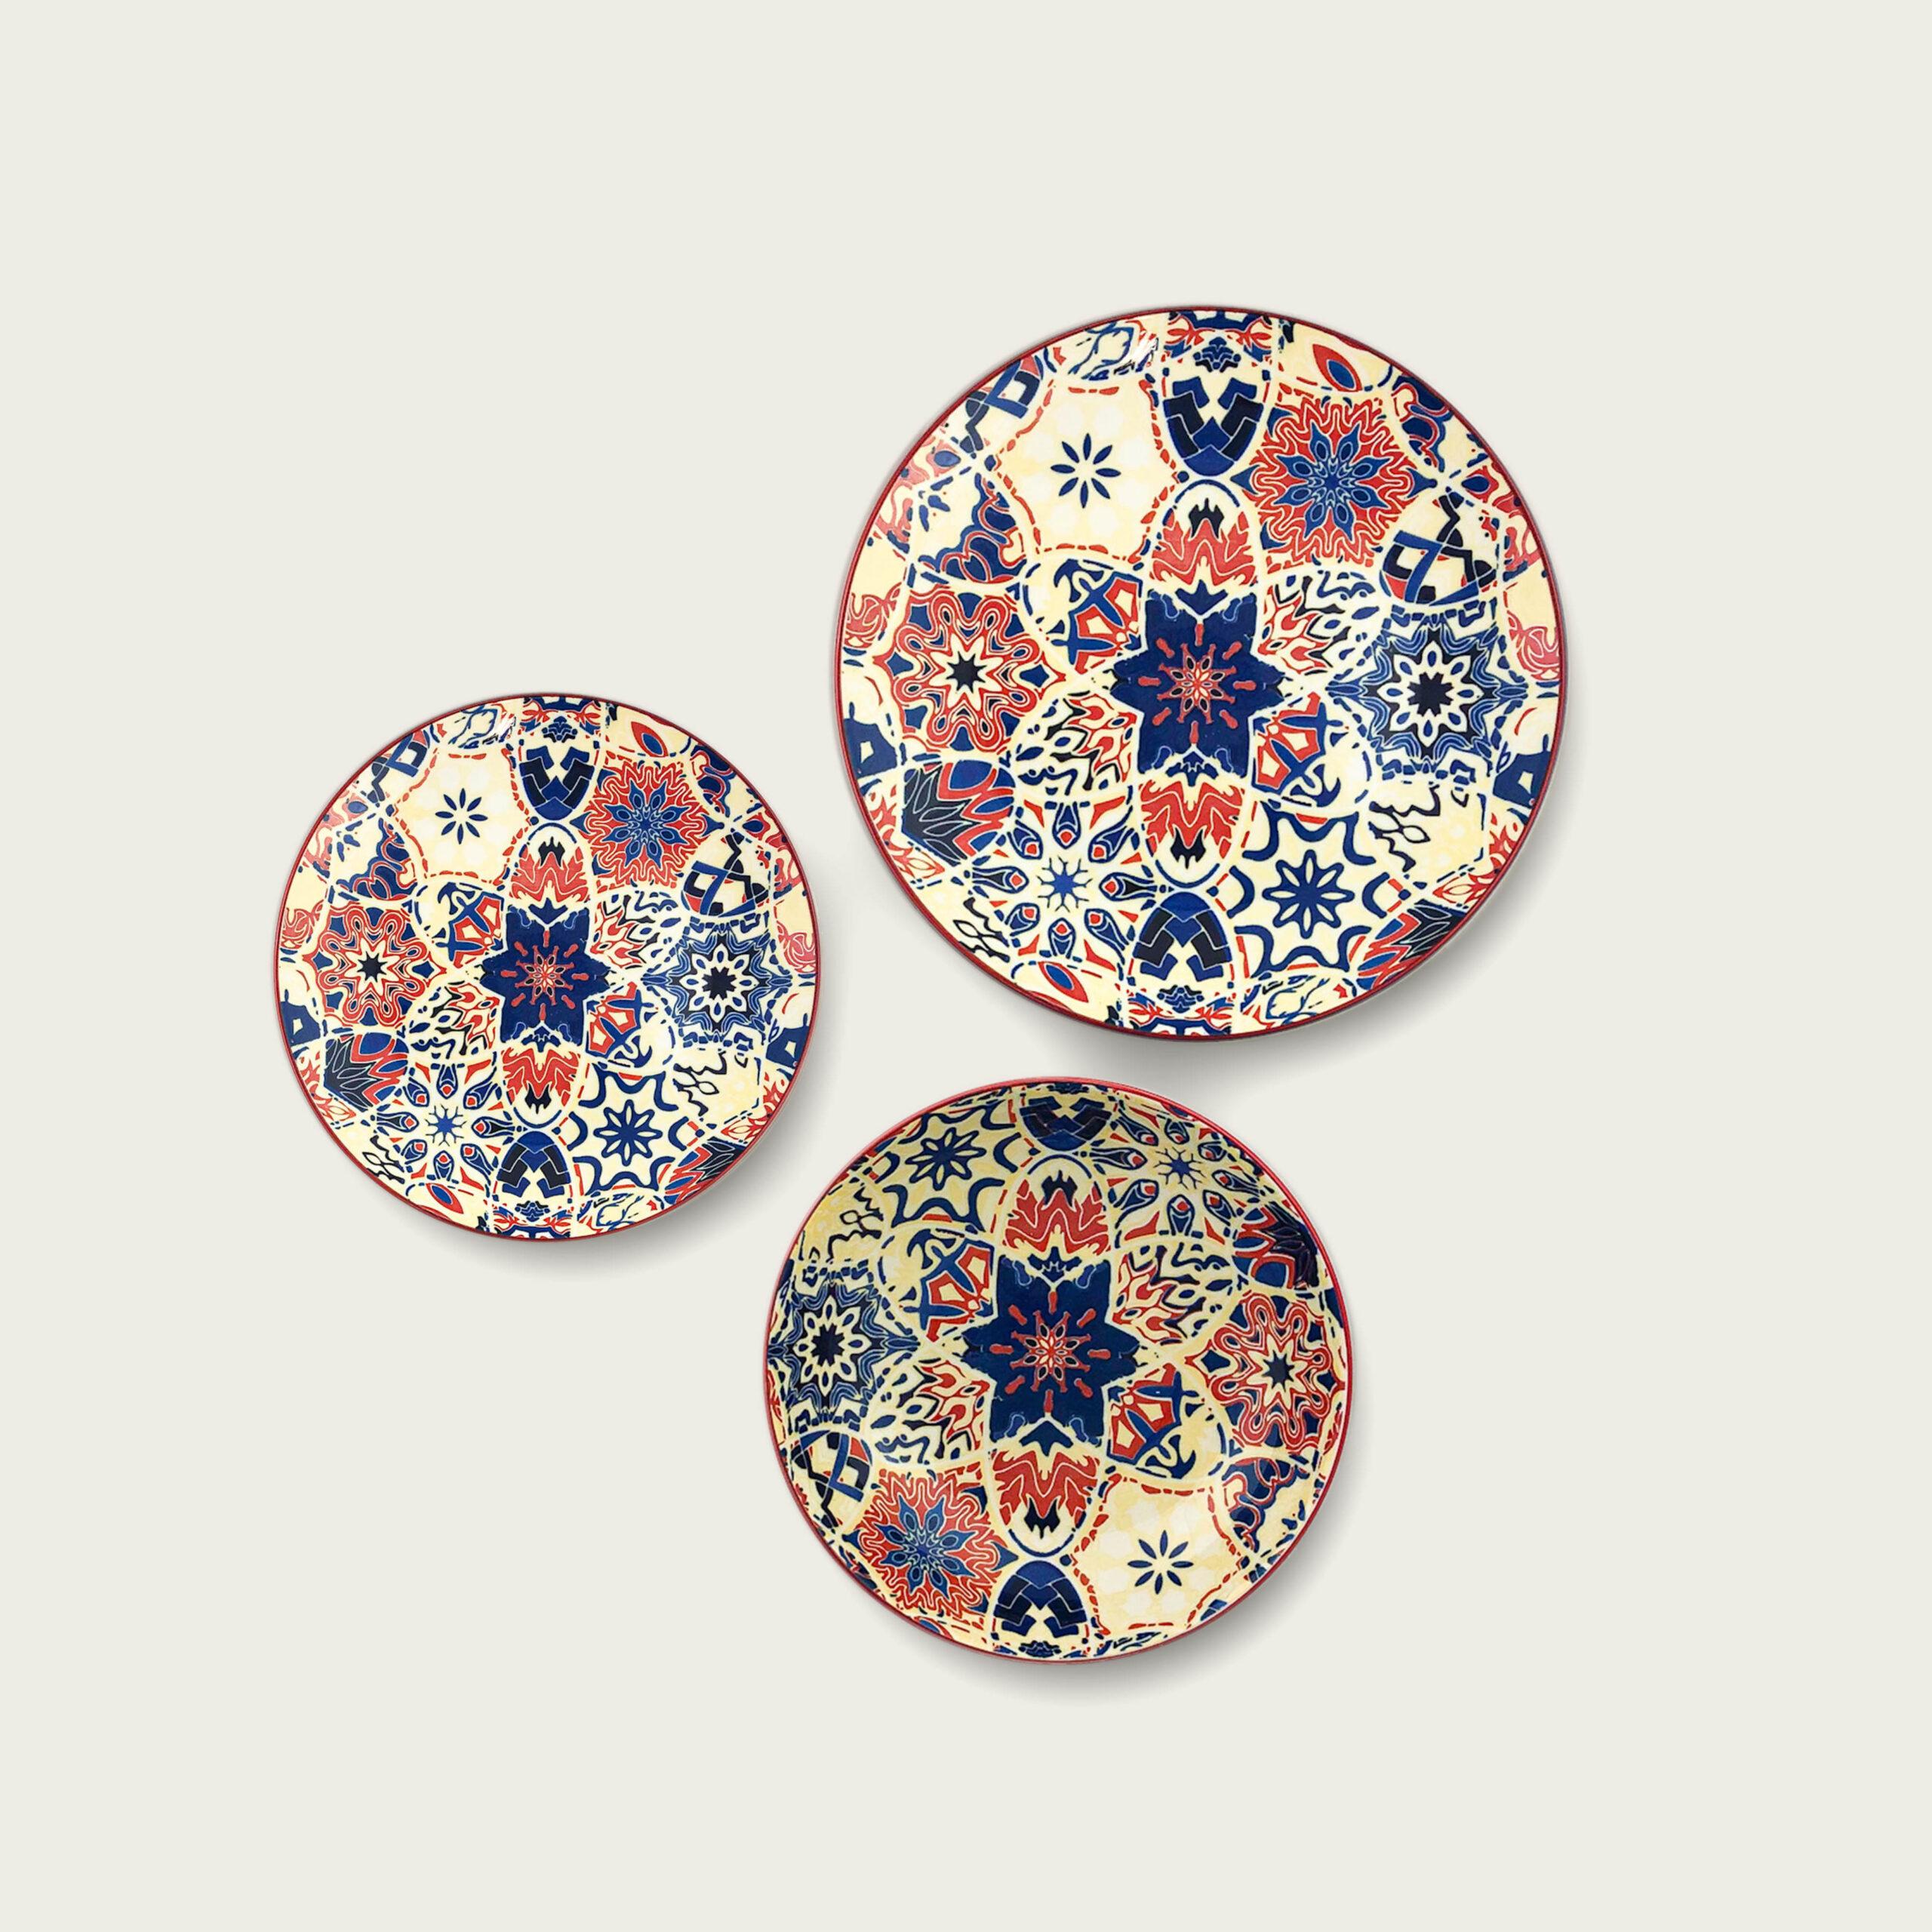 Kyoto piatto in porcellana - decoro fiore blu